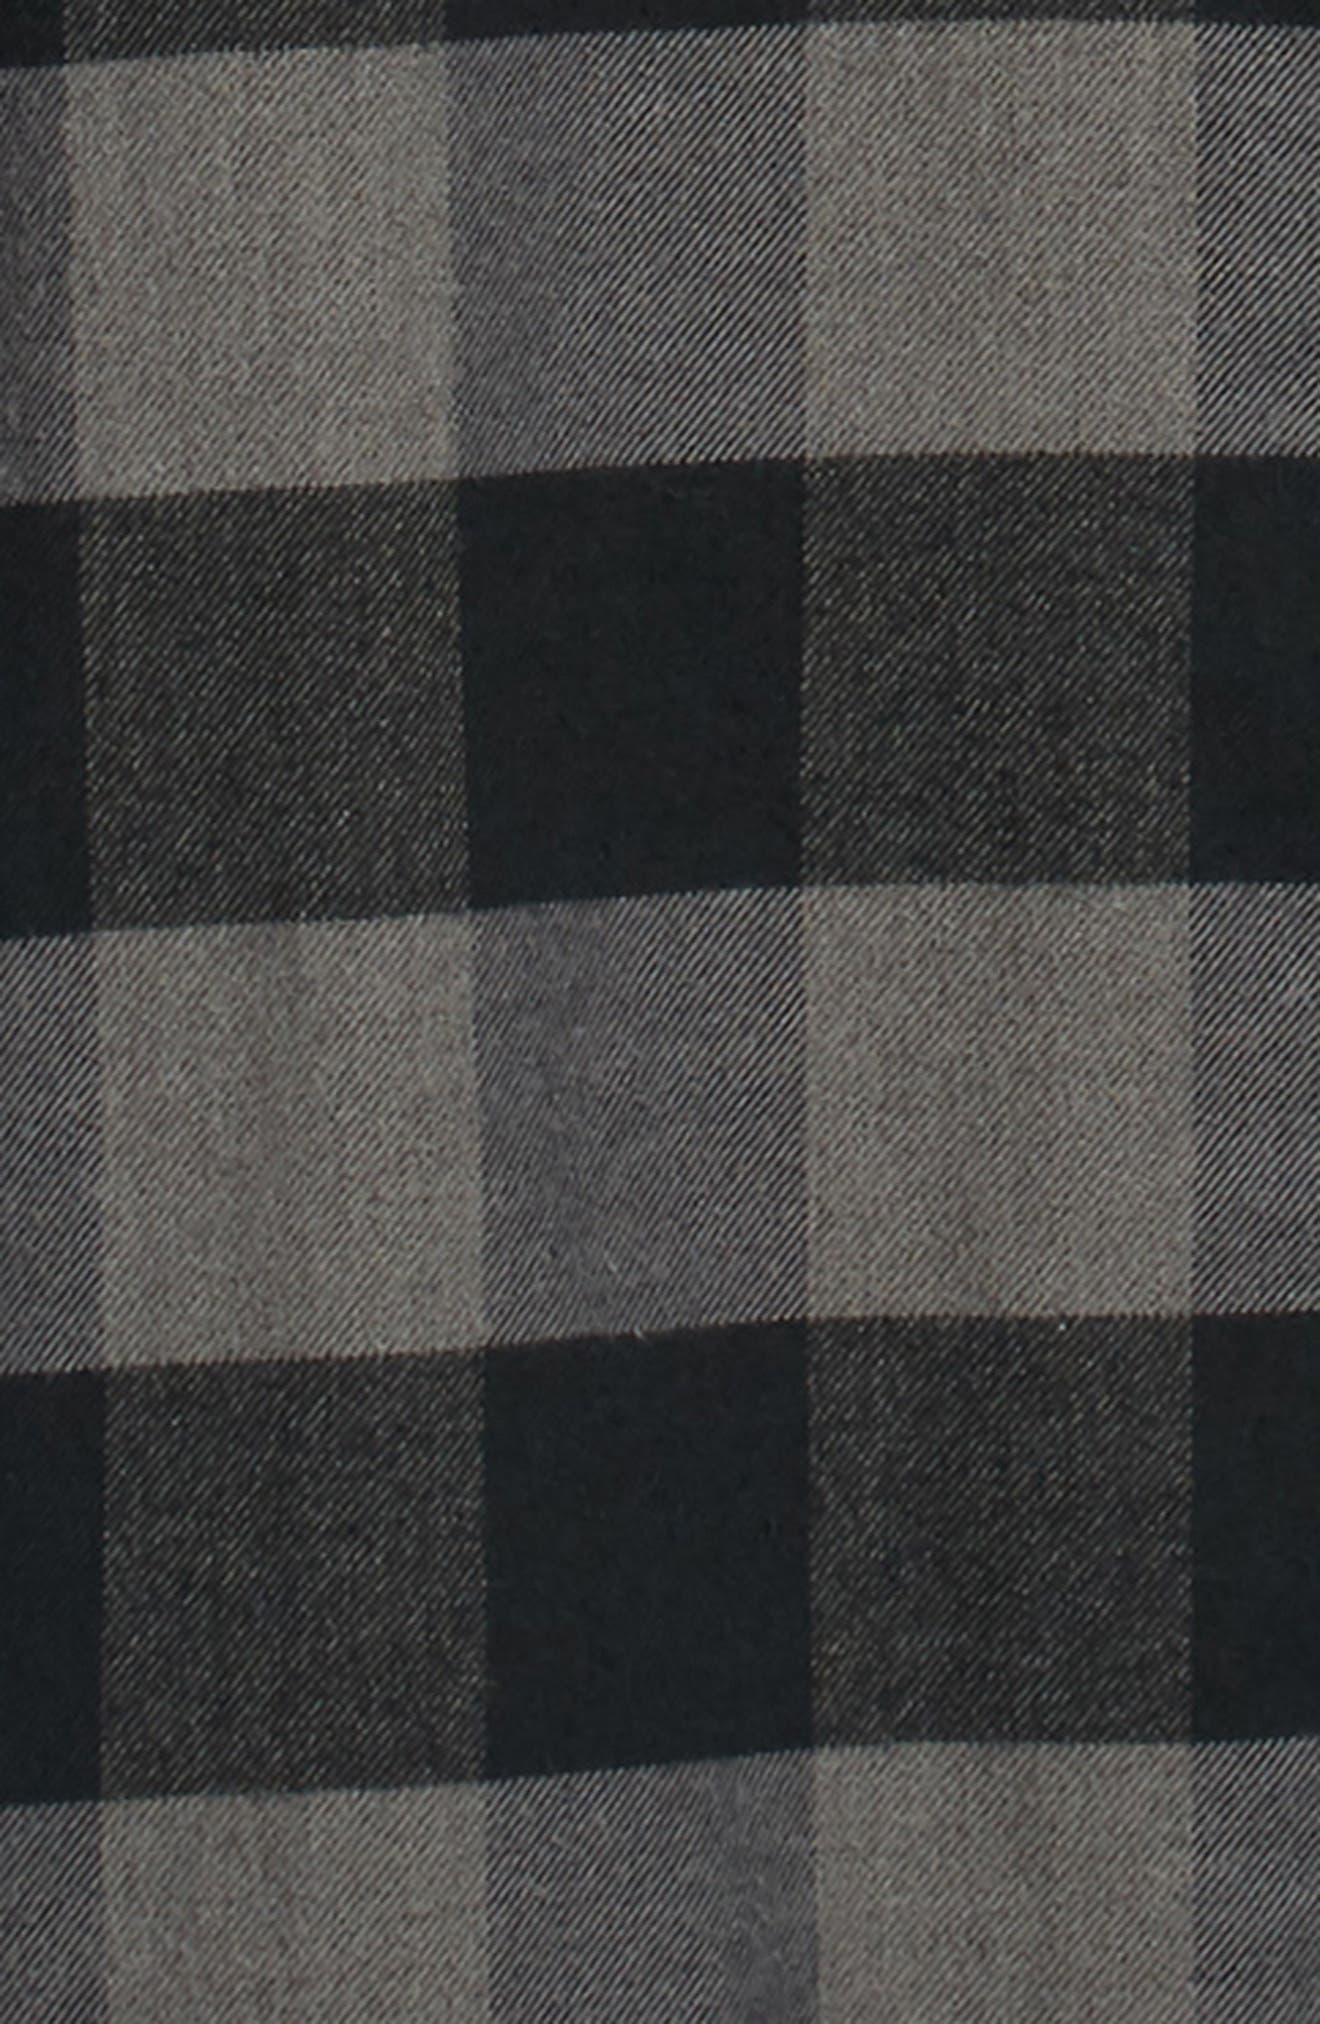 Deepwood Regular Fit Lined Flannel Shirt Jacket,                             Alternate thumbnail 6, color,                             EVENING SKY